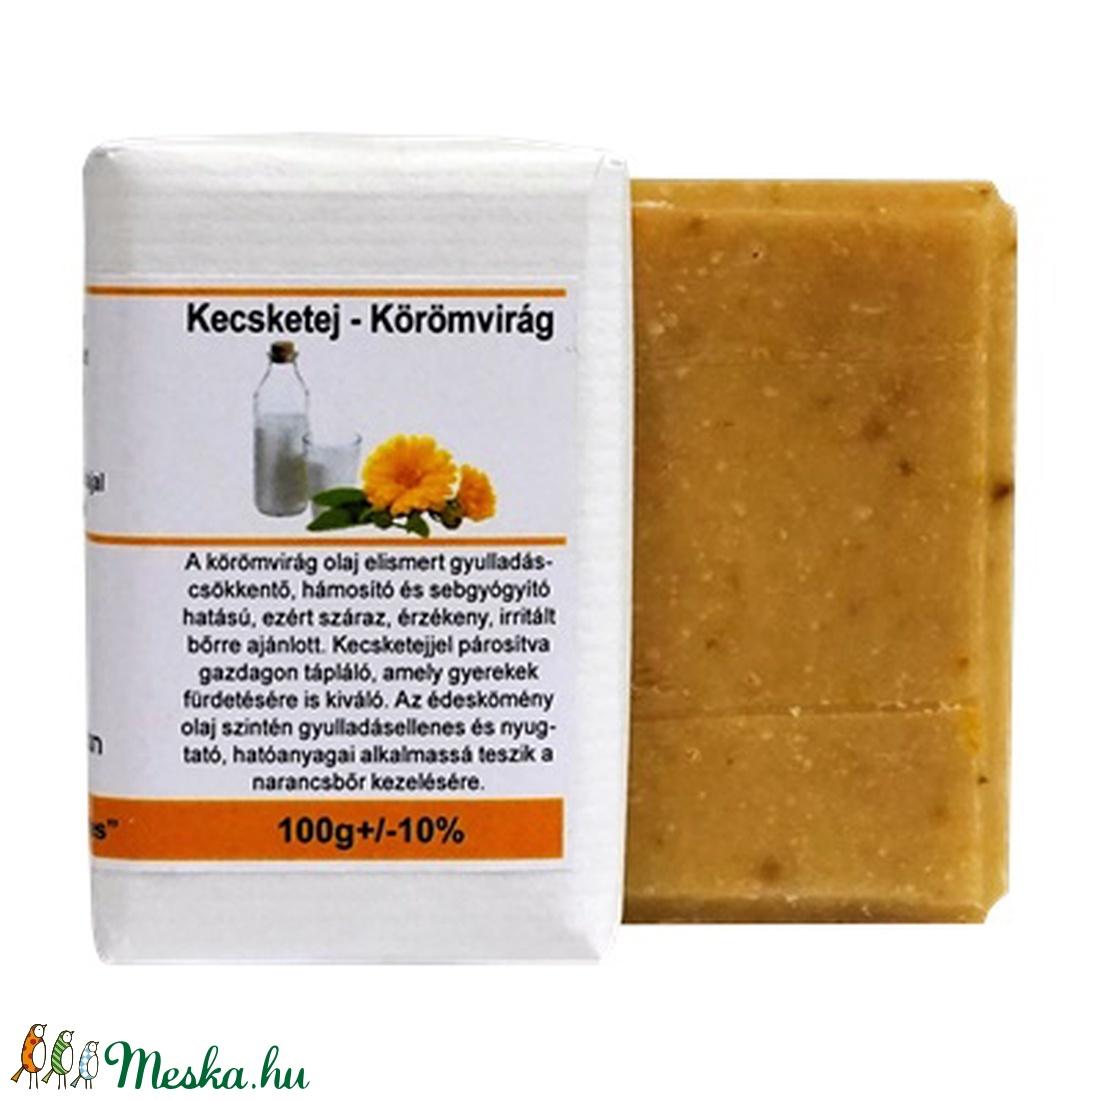 Kecsketej Körömvirág szappan - szépségápolás - szappan & fürdés - szappan - Meska.hu